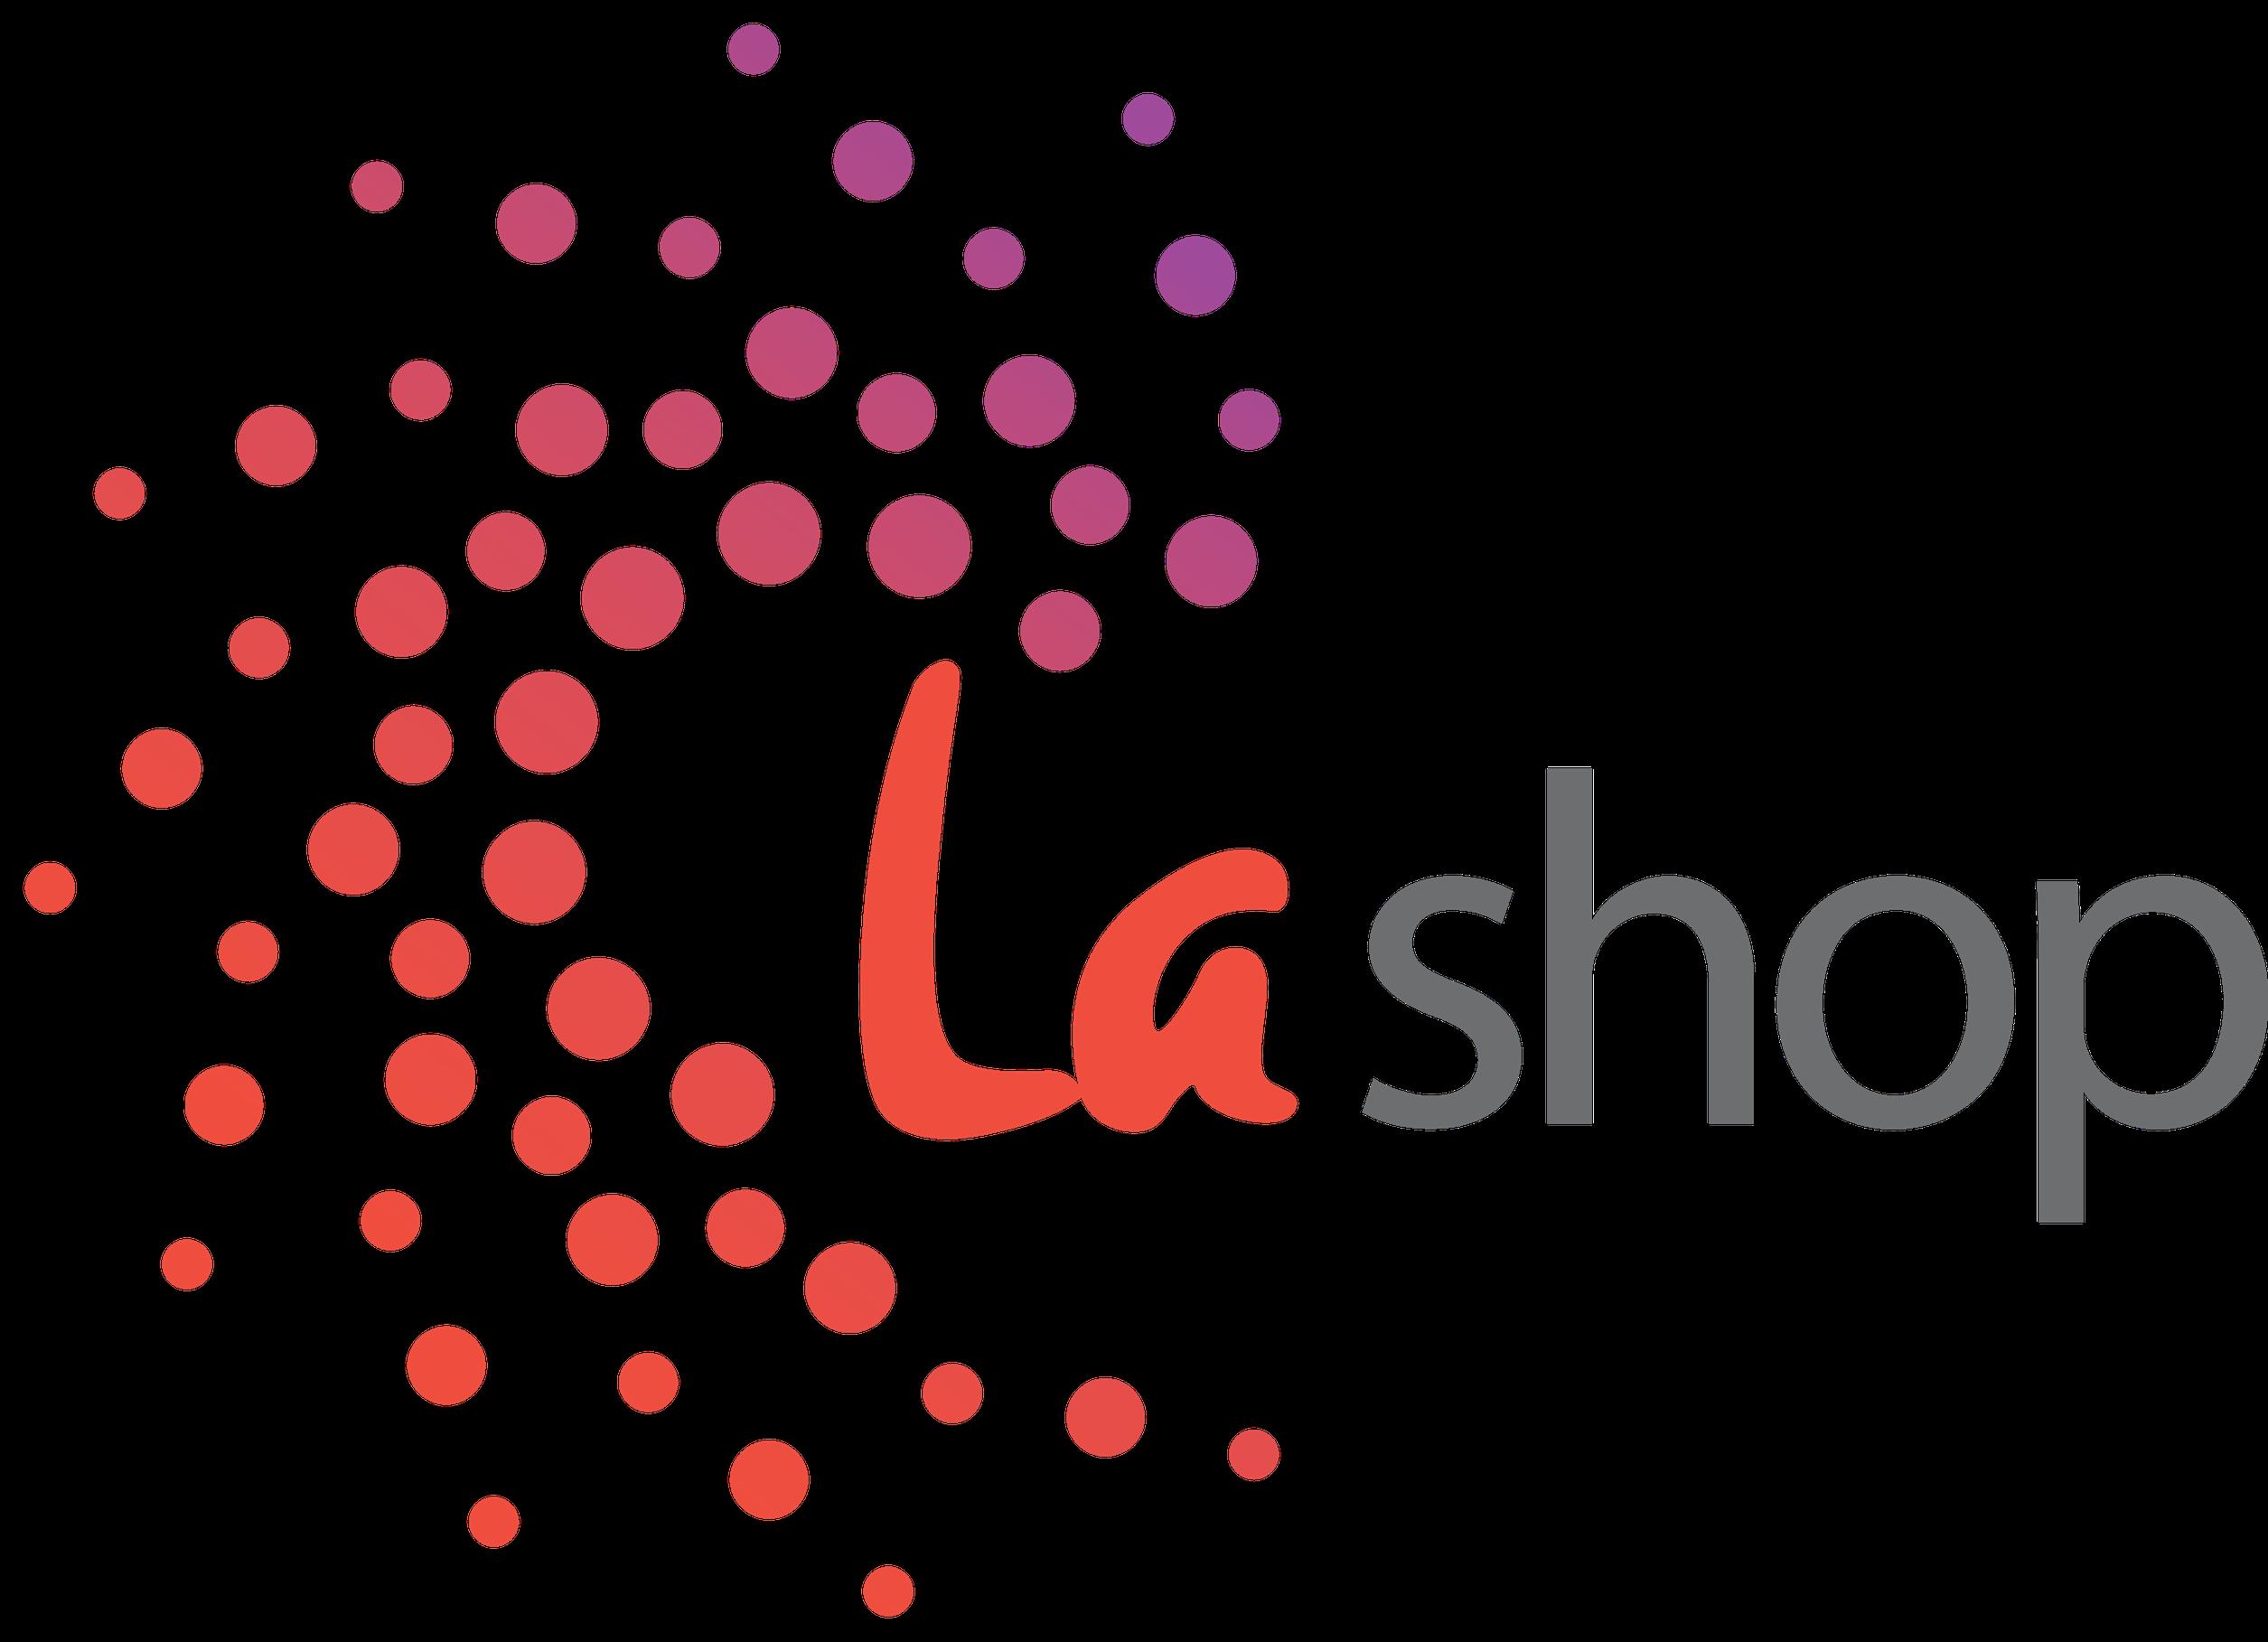 LaShop